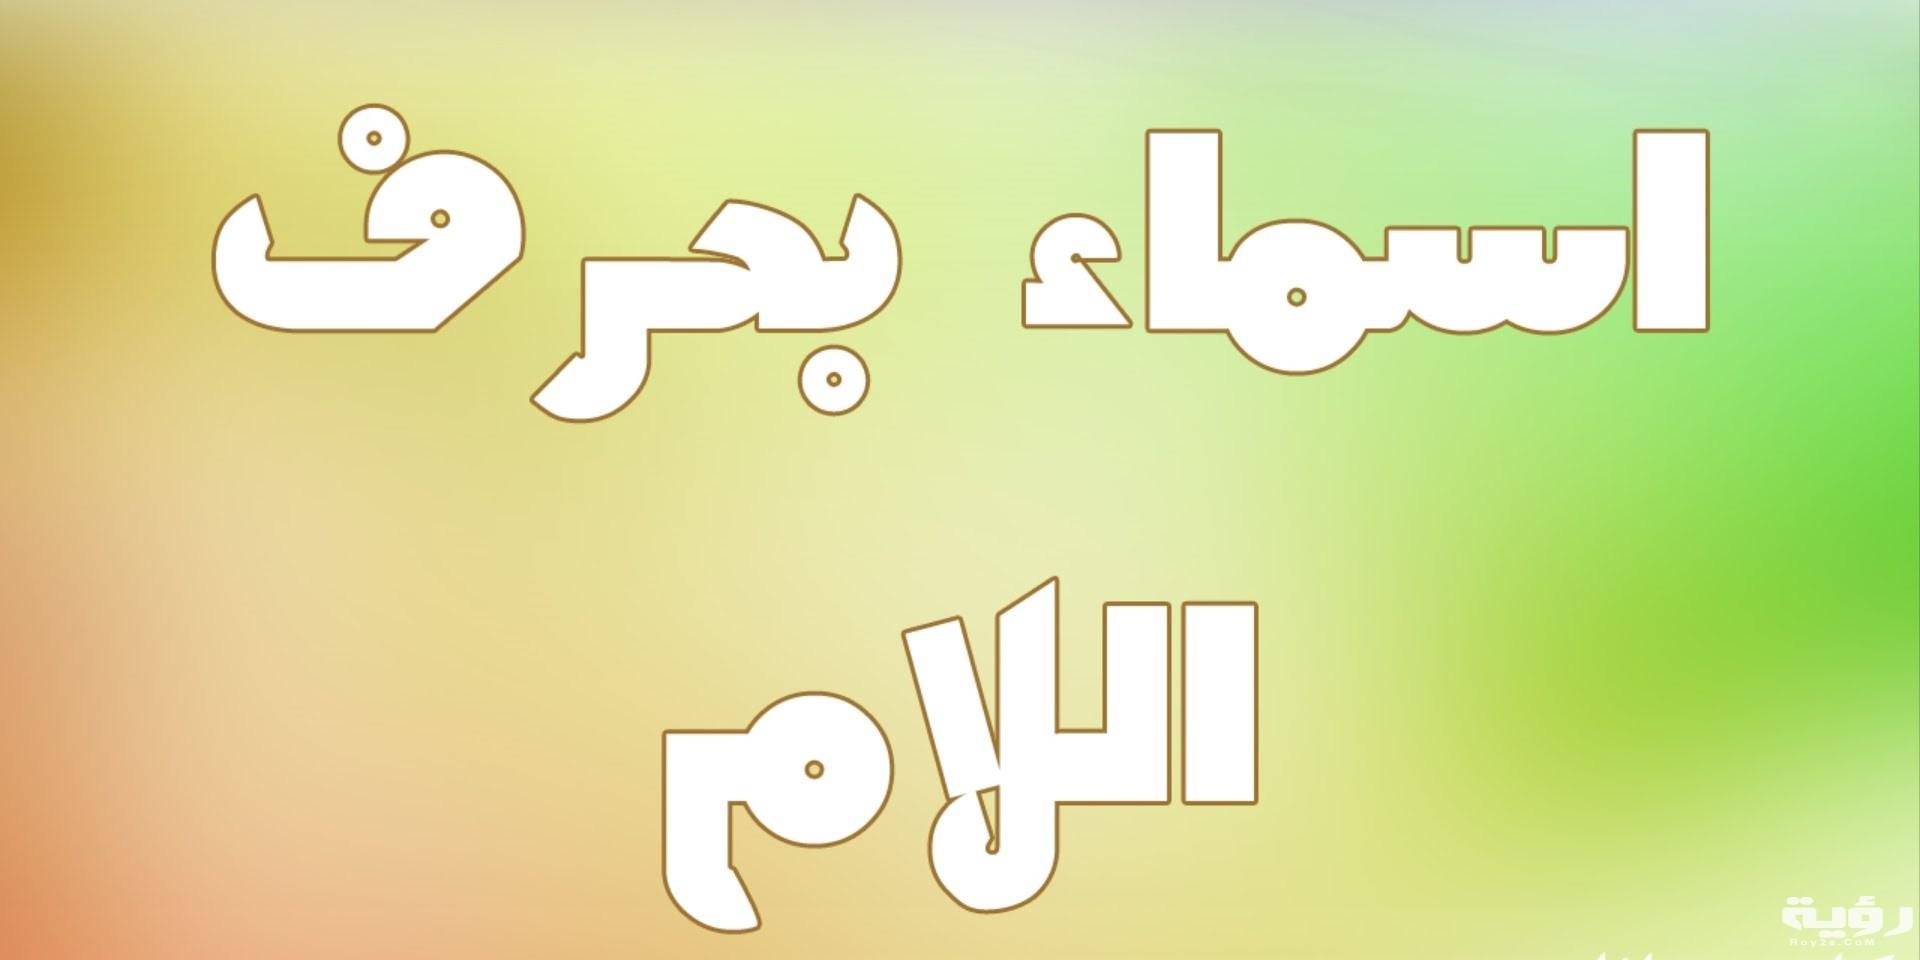 اسم بلد بحرف ل اللام